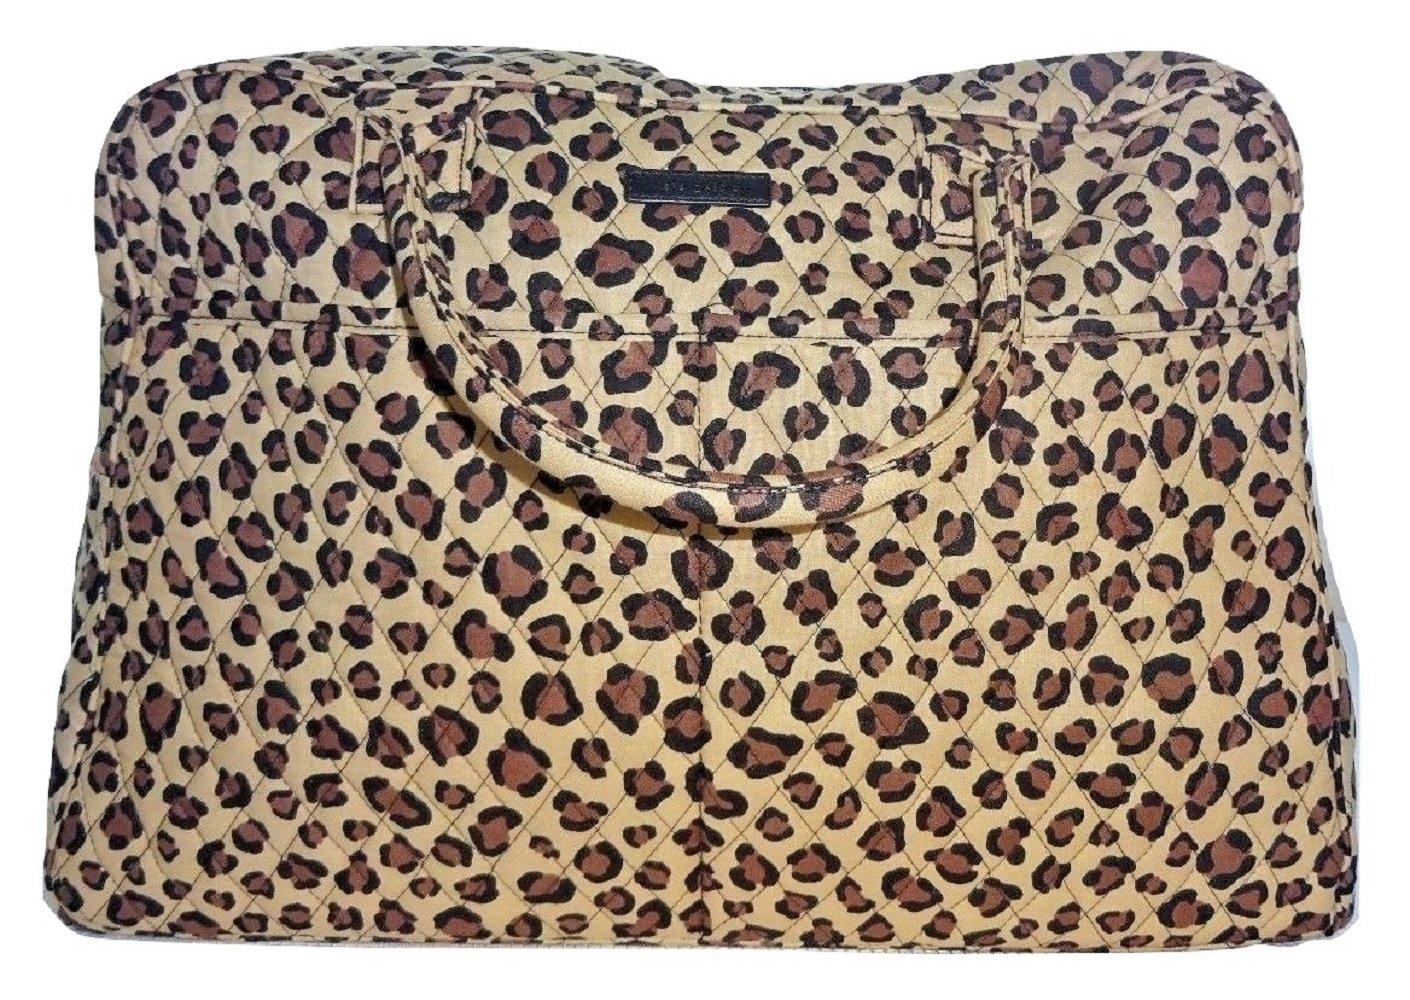 Vera Bradley Weekender, Signature Cotton (Leopard)